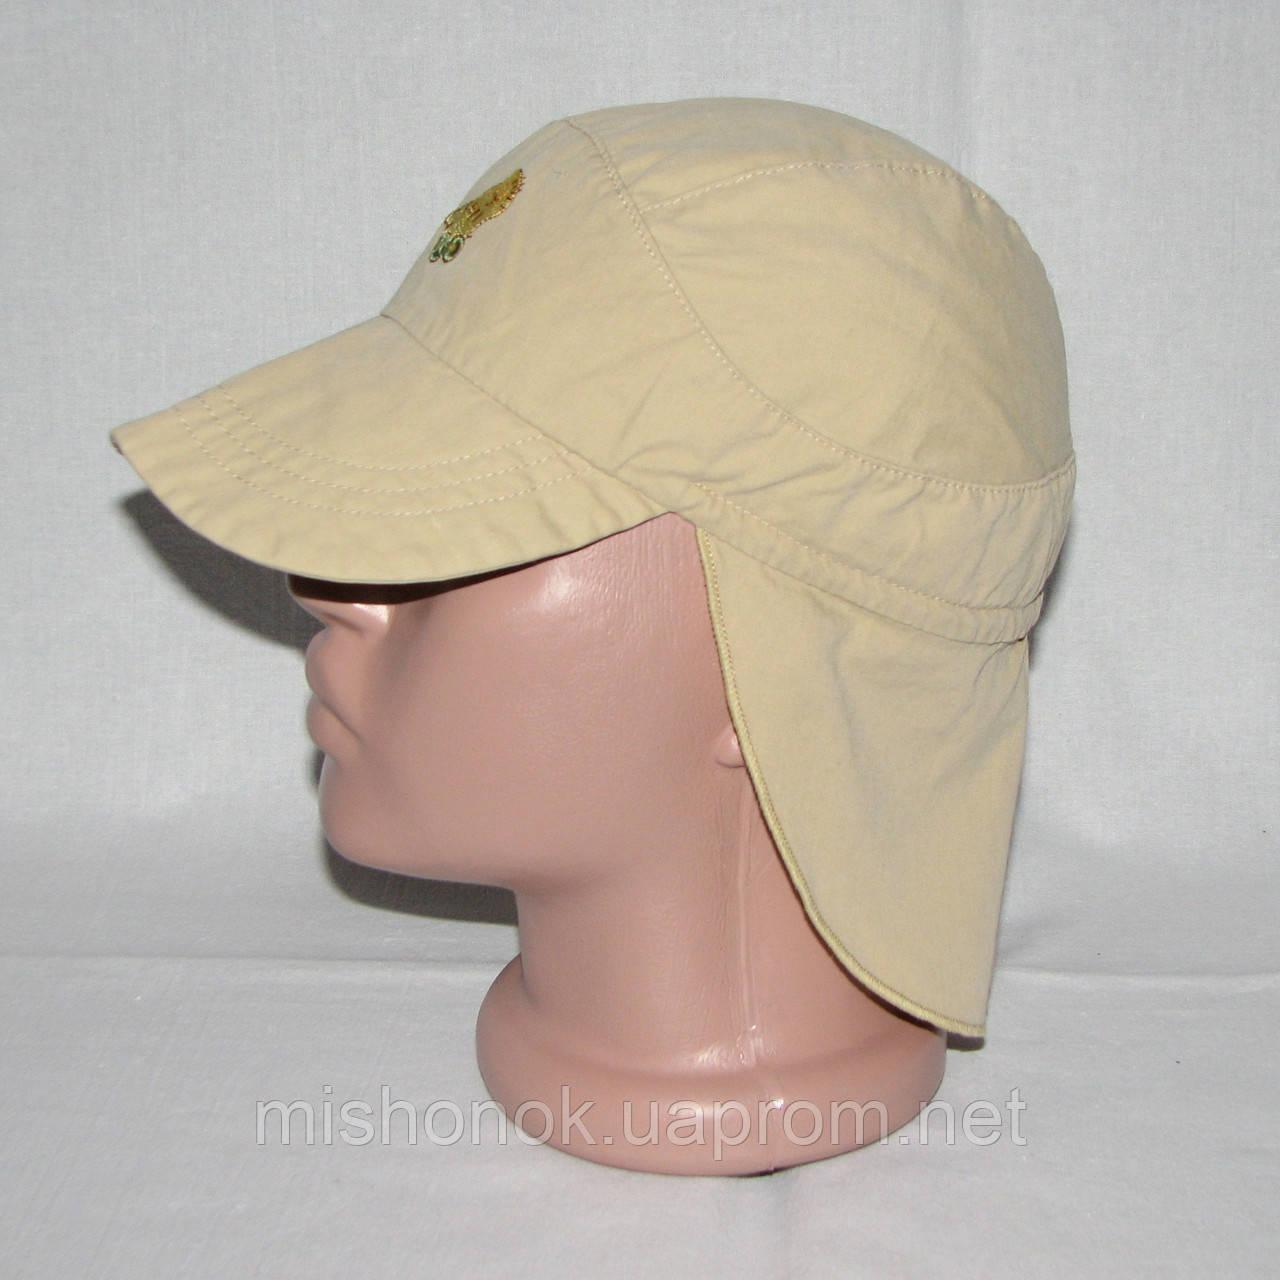 Панамка, кепка-легионерка с пелеринкой на затылке на 2-3 года, 47-50см